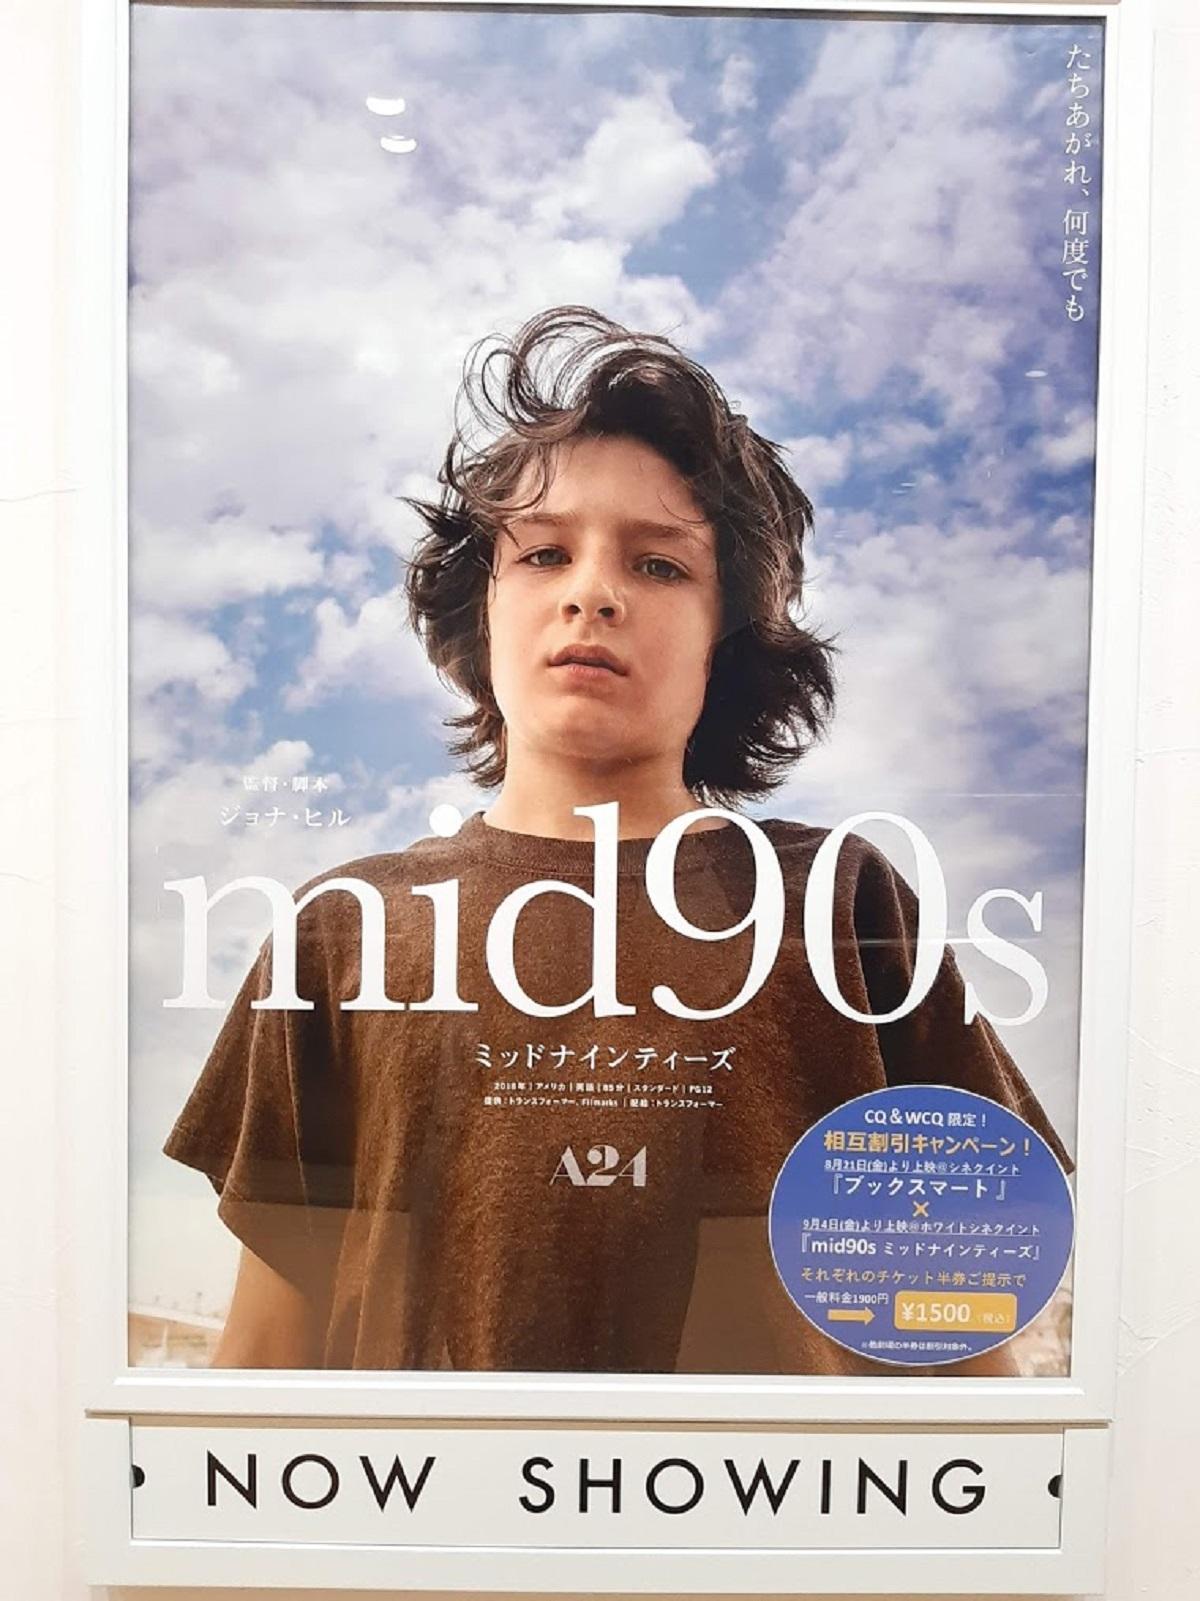 映画『mid90's ミッドナインティーズ』のチラシポスター